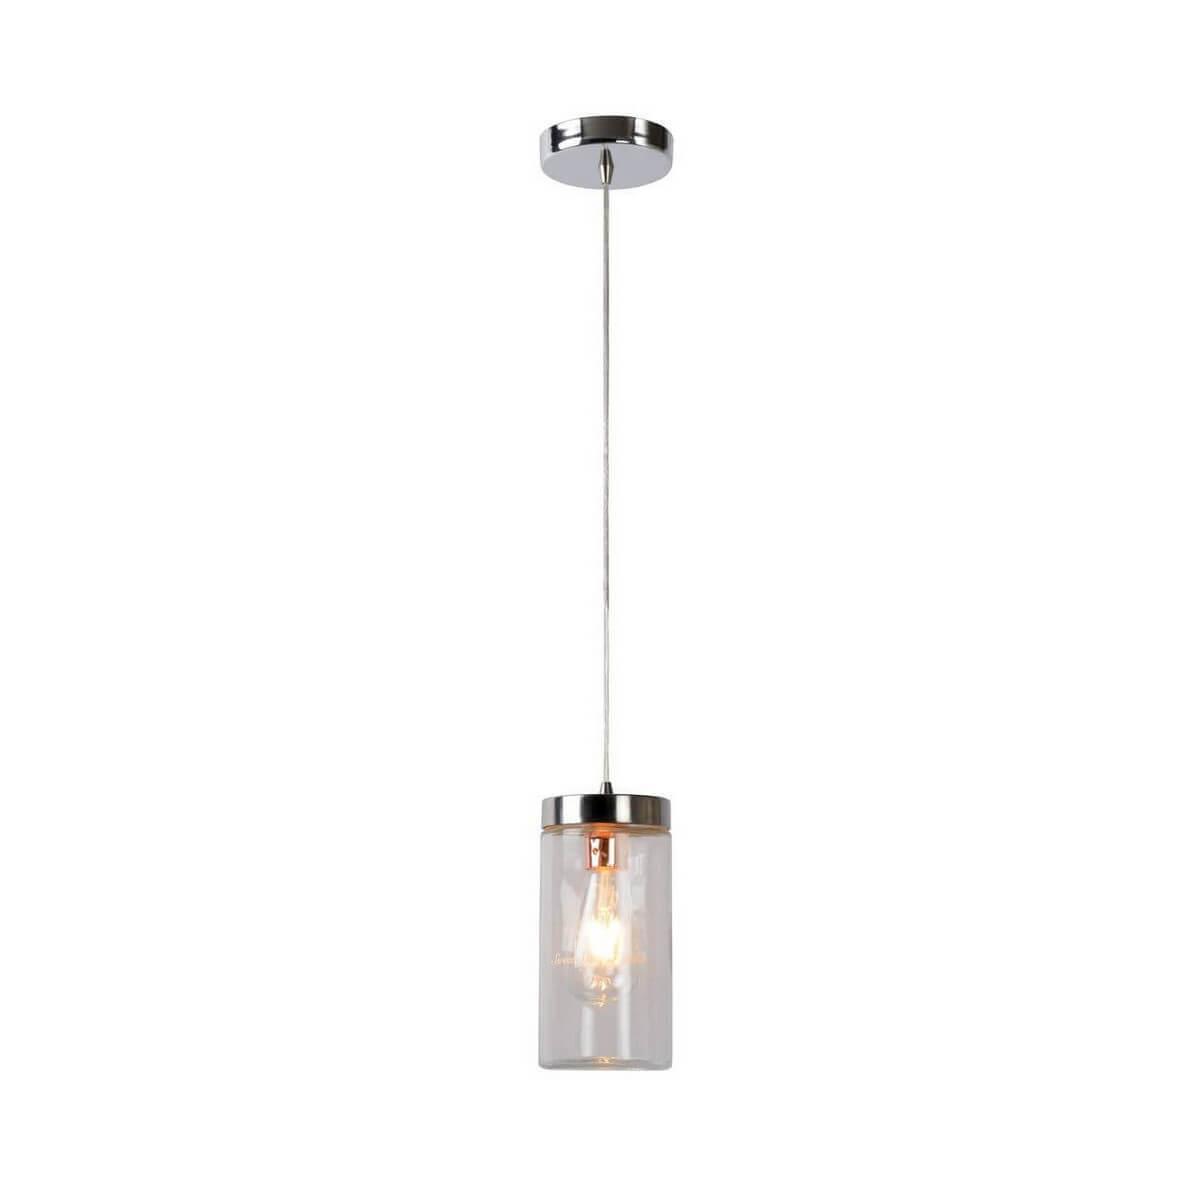 Подвесной светильник Lucide Epice 08411/01/60 все цены